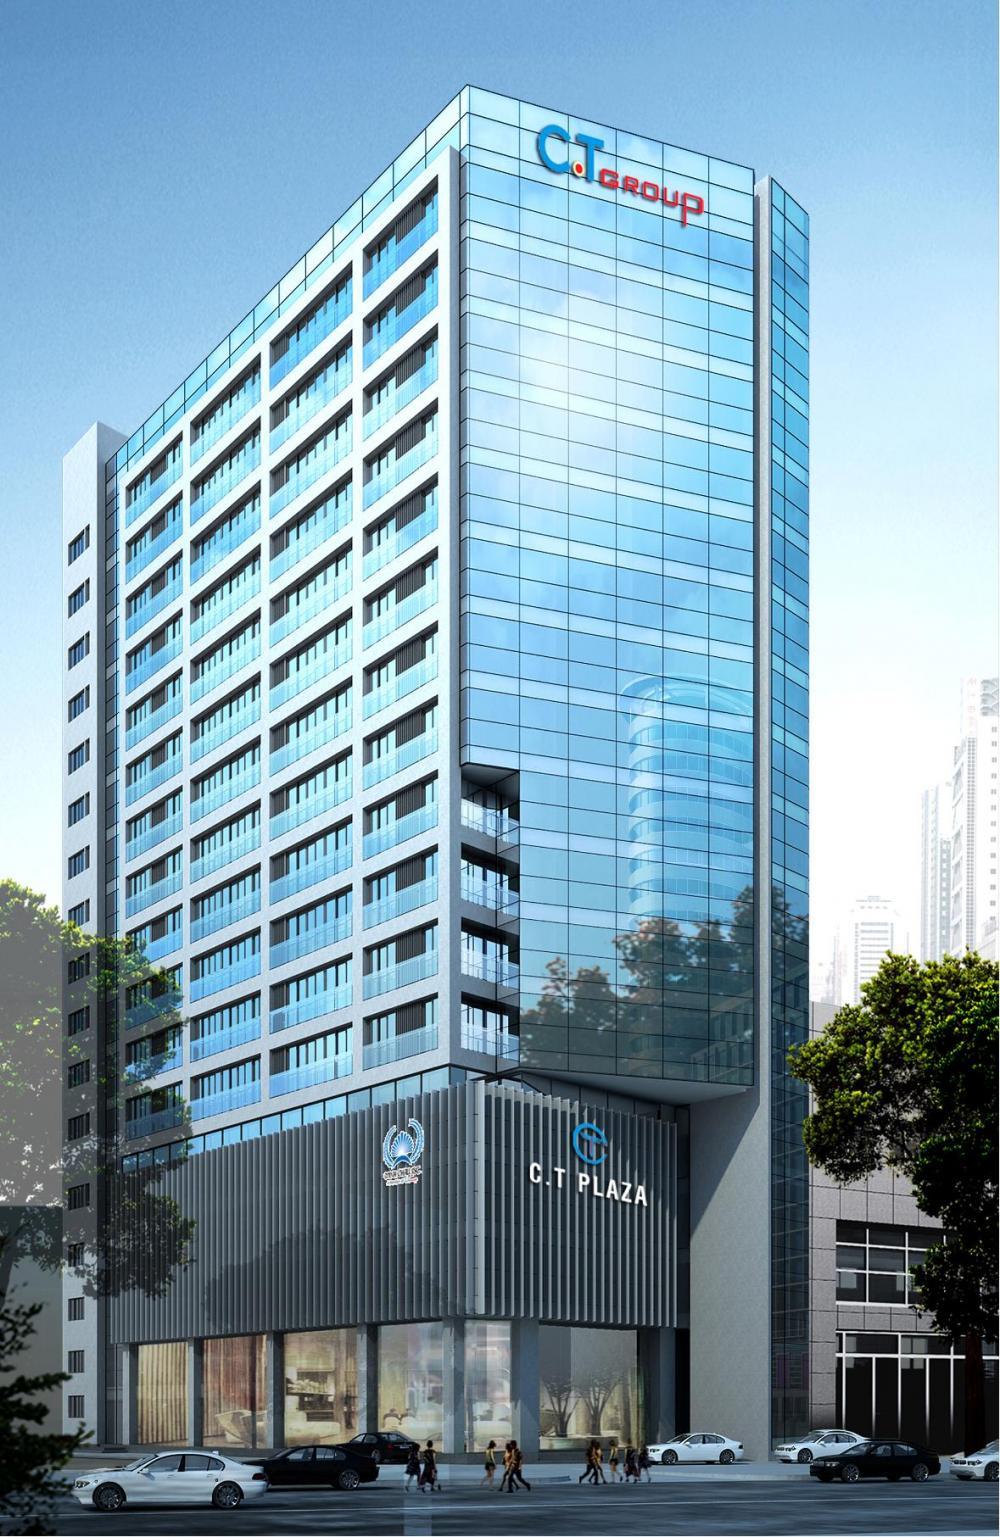 20150730081457 cbe8 Công trình kiến trúc nghệ thuật, độc đáo mang tên C.T Plaza Minh Châu